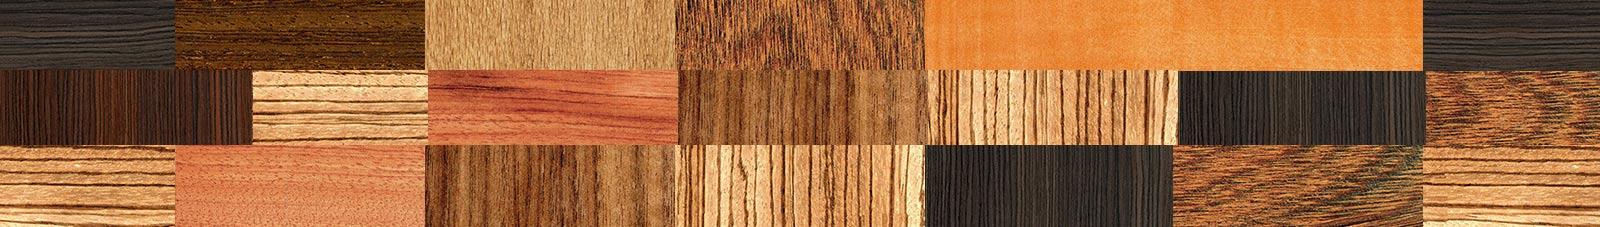 Ansicht verschiedener Holzarten, die Scherler Holzbrillen.com für die Herstellung der handgearbeiteten Holzbrillen verwendet.